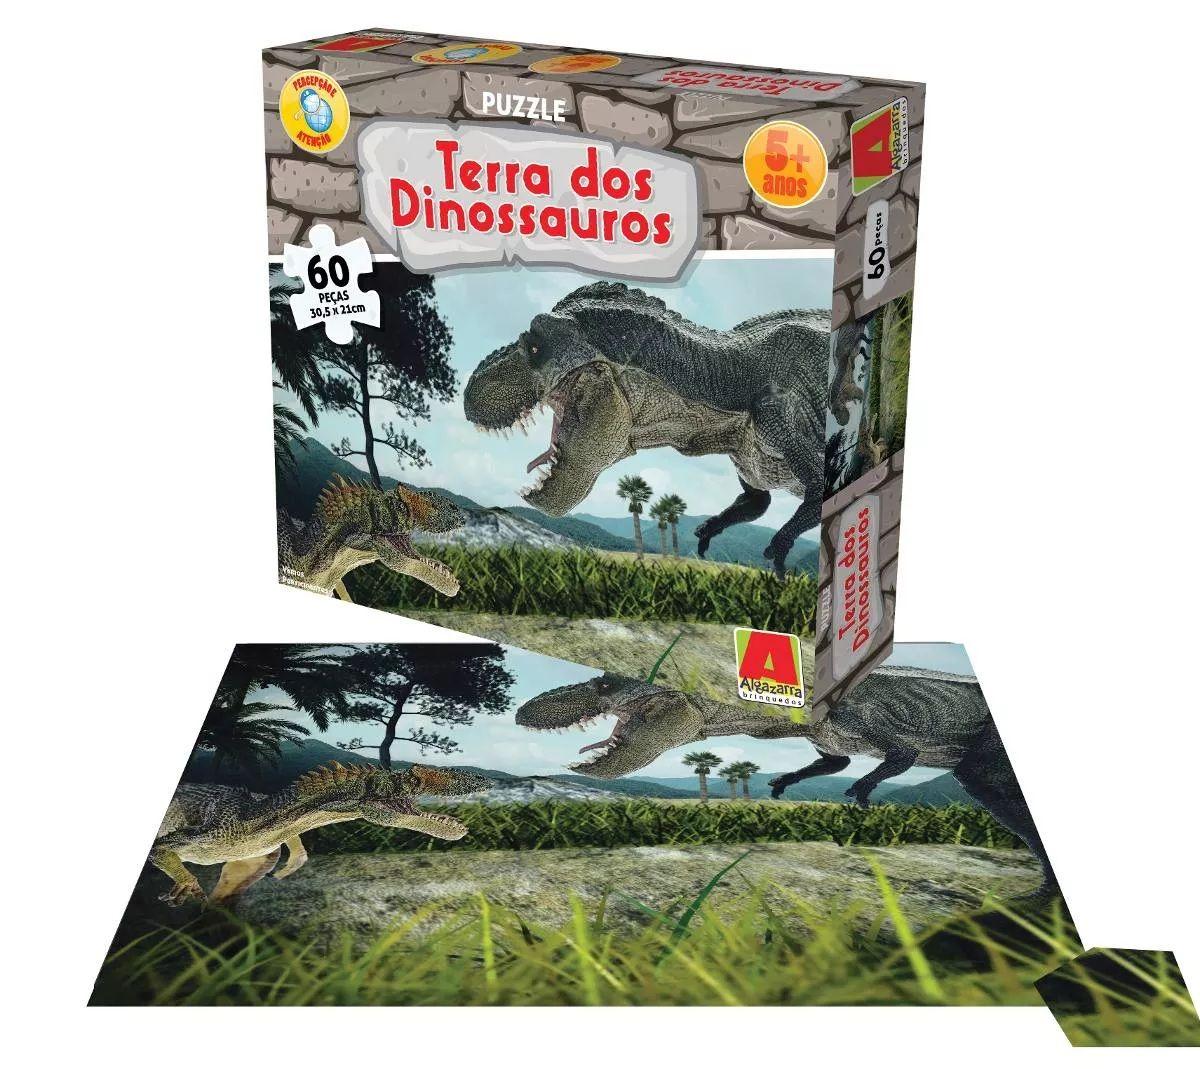 Quebra-cabeça Puzzle Terra dos Dinossauros 60 Peças - Algazarra